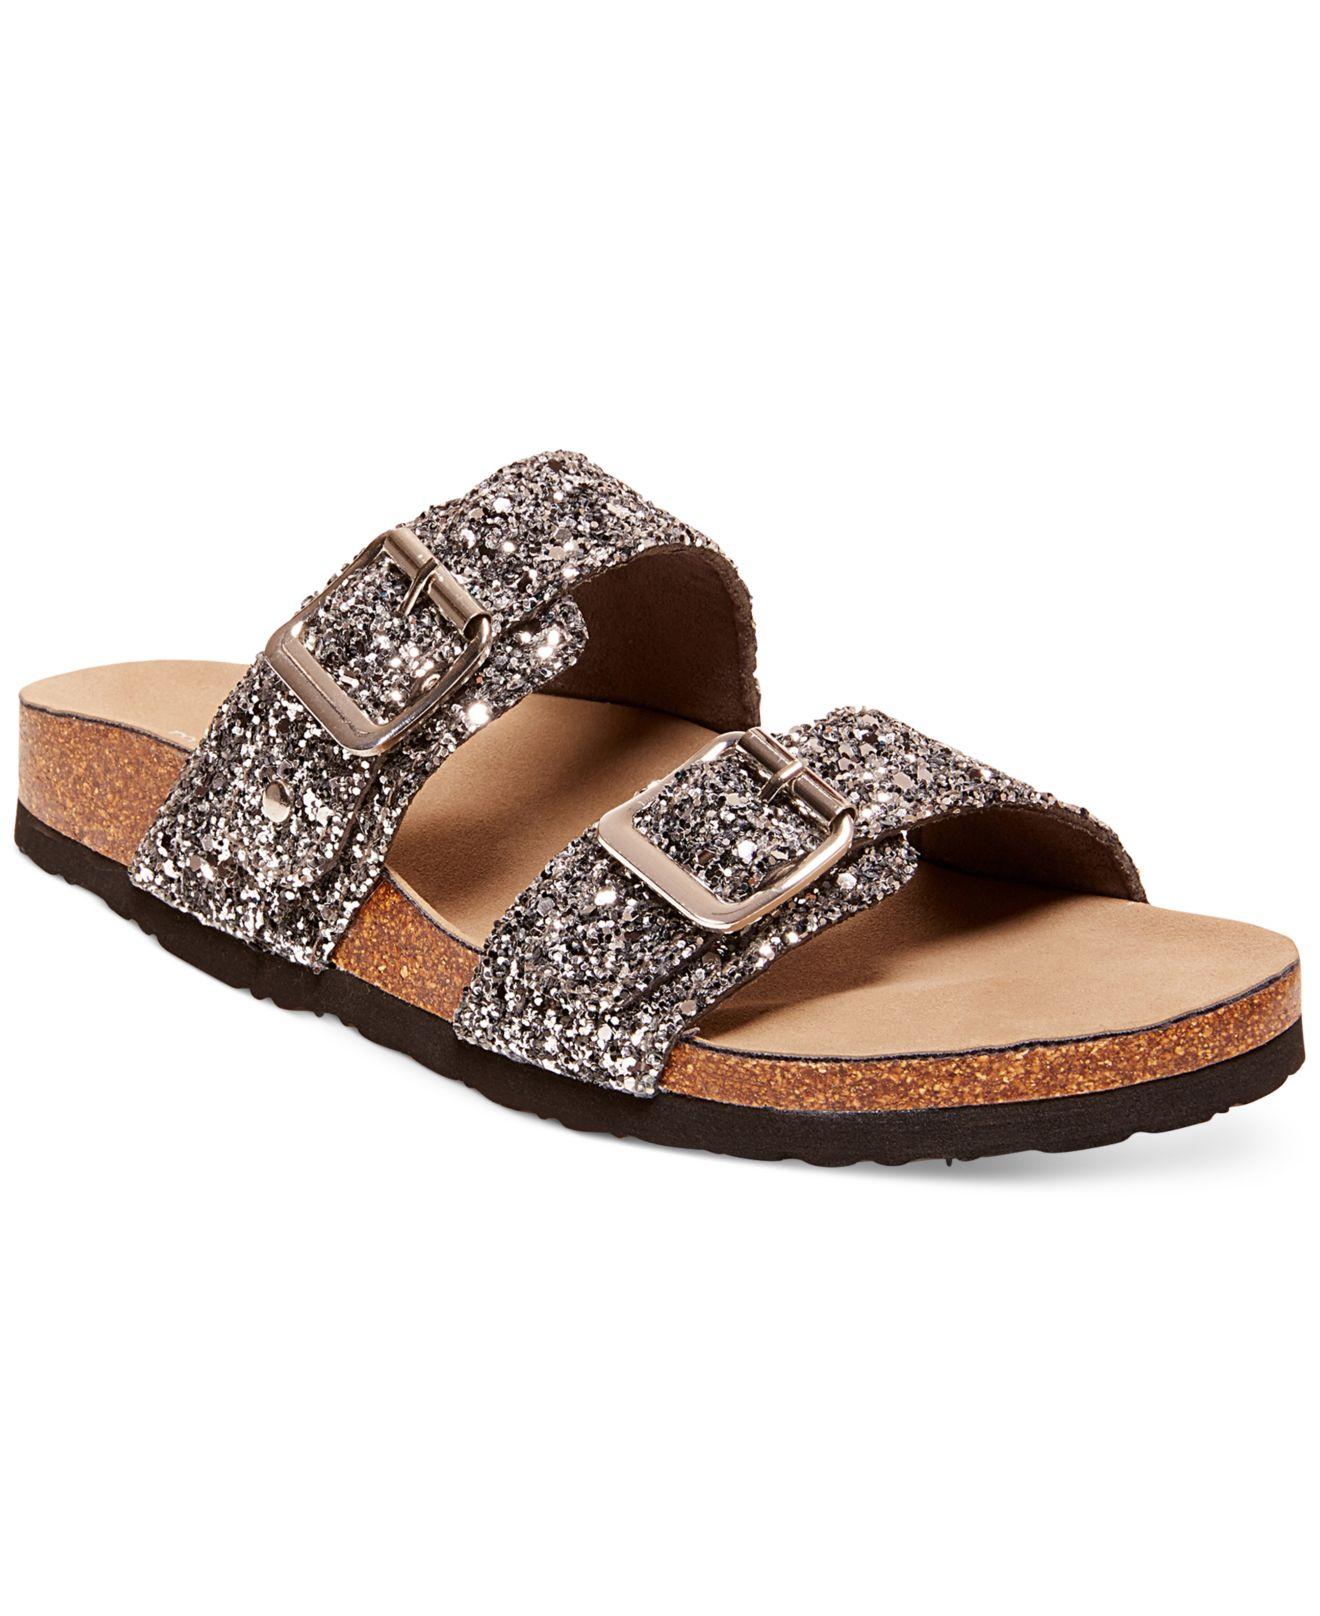 Black Sparkle Shoes